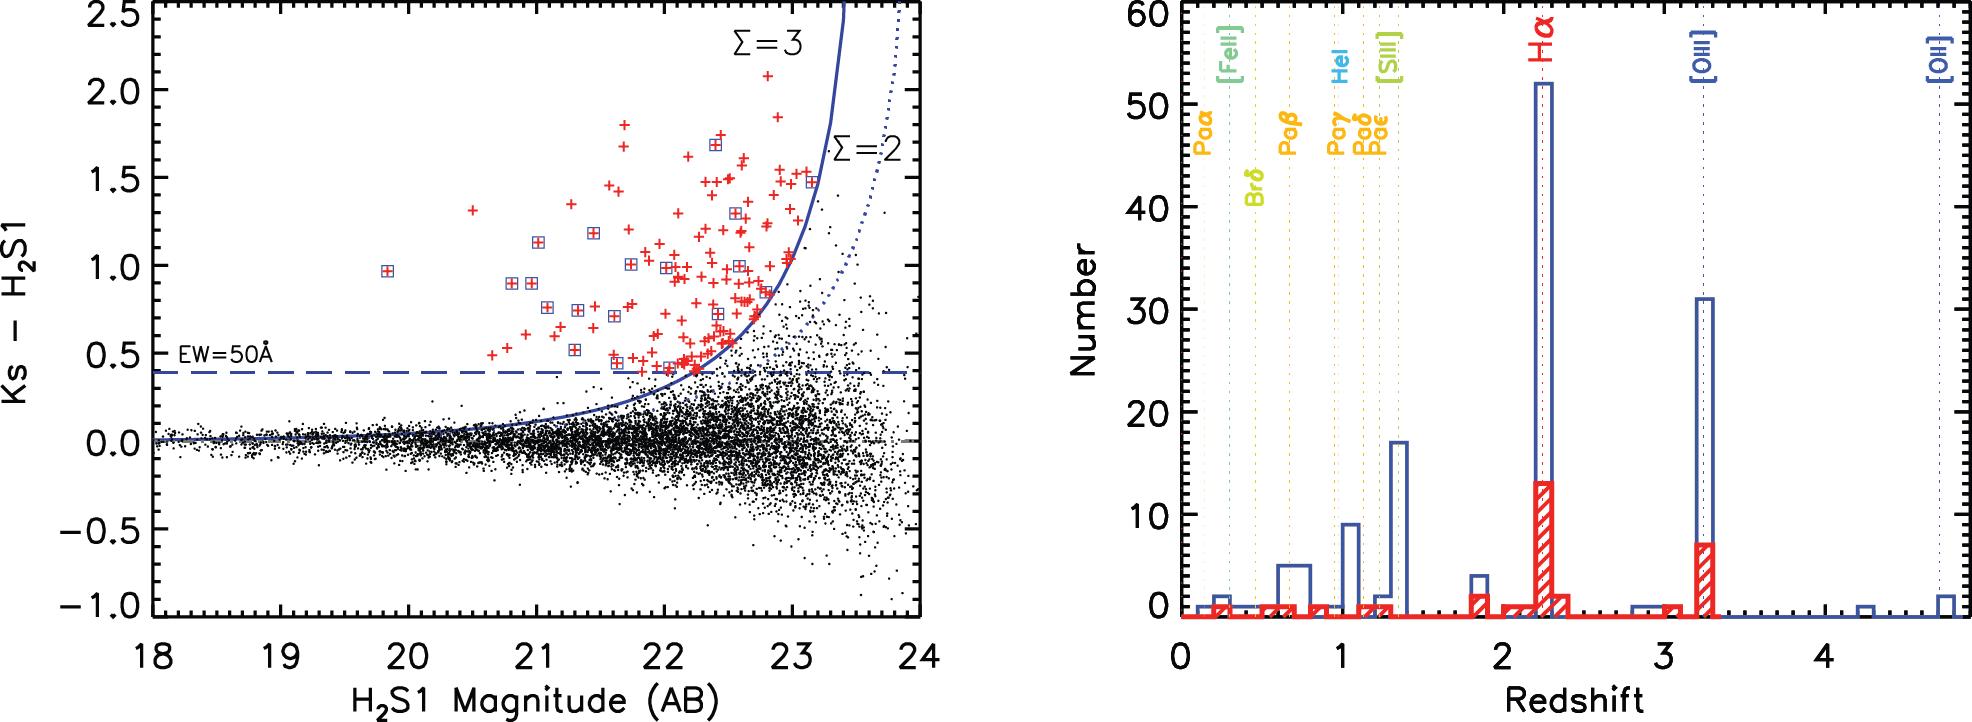 图2 左图:选择窄带流量超出的源的颜色图。黑色的点代表窄带探测到的所有的源,红色的正号表示的是138个发射线星系,蓝色的方框标记的是有光谱红移证认的H_alpha发射线星系。右图:138个发射线星系的测光红移分布图。其中红色的阴影区域表示的是33个光谱红移的分布。点线标记的是通过H_2S1这个滤光片可以探测到的对应的红移处的发射线。